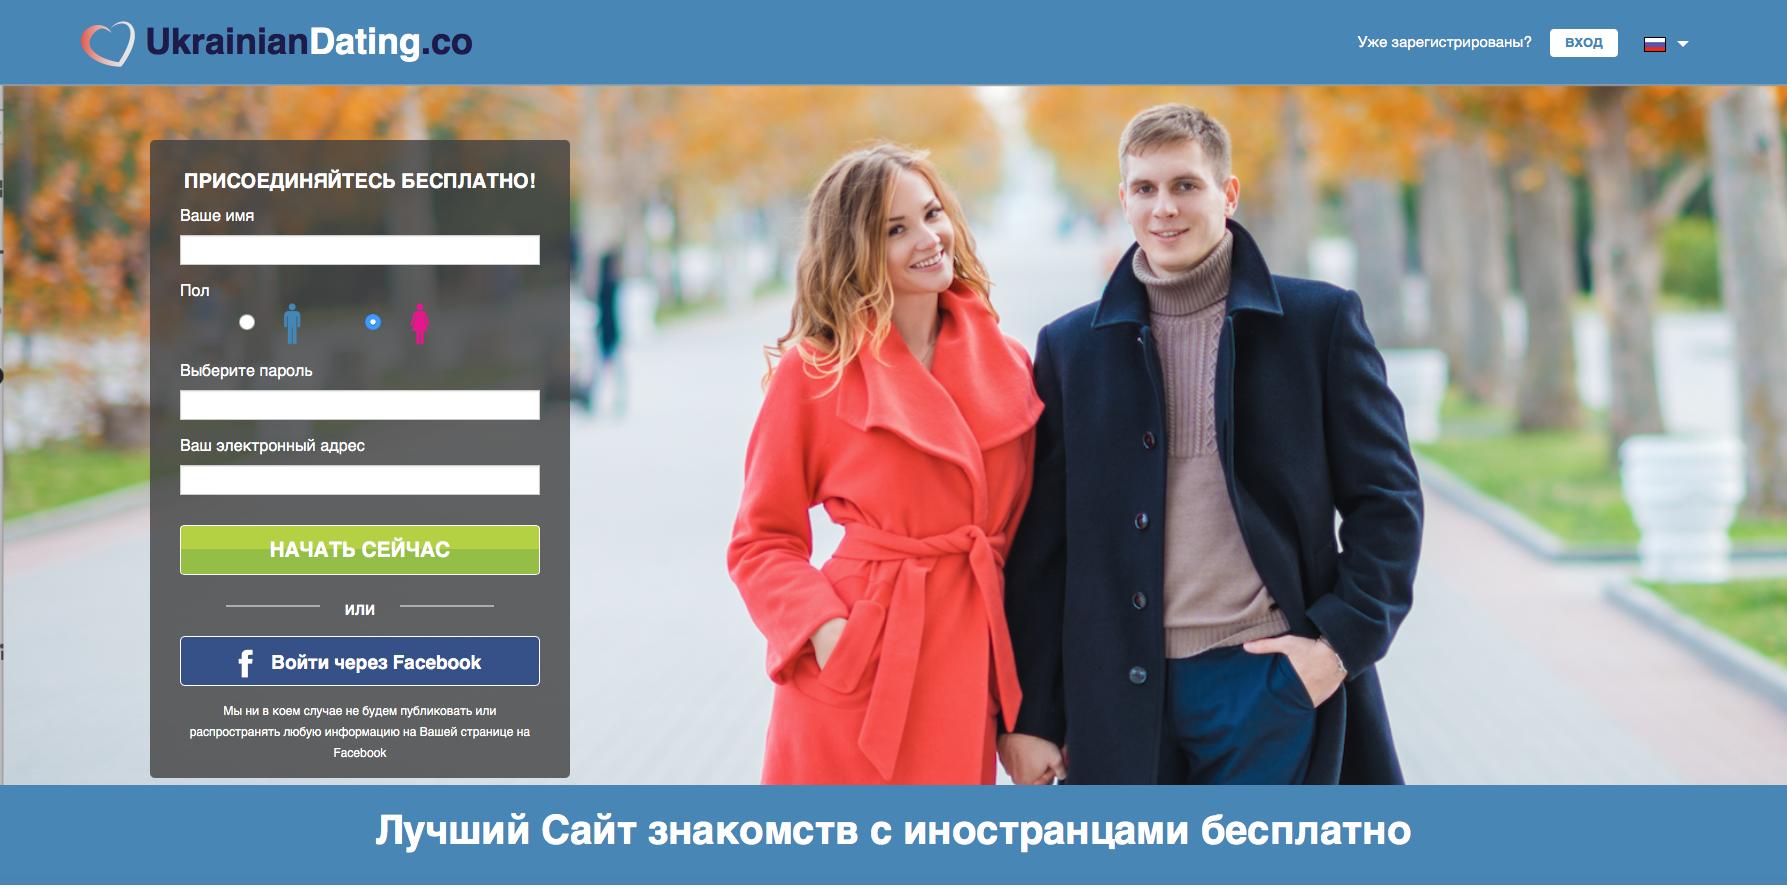 знакомства с иностранцами для брака бесплатно без